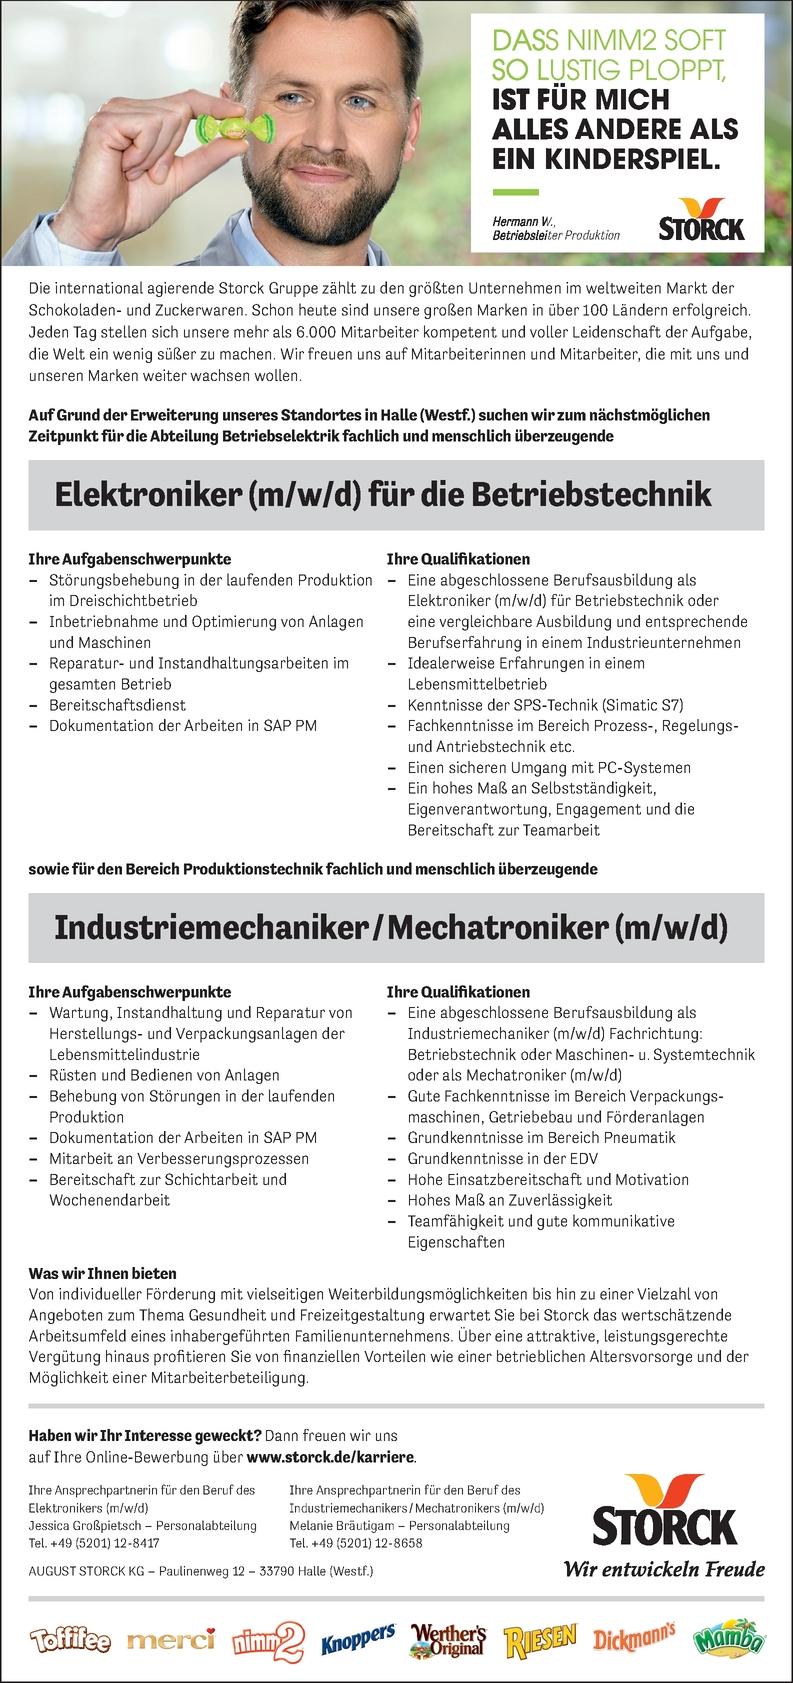 Elektroniker (m/w/d) für die Betriebstechnik